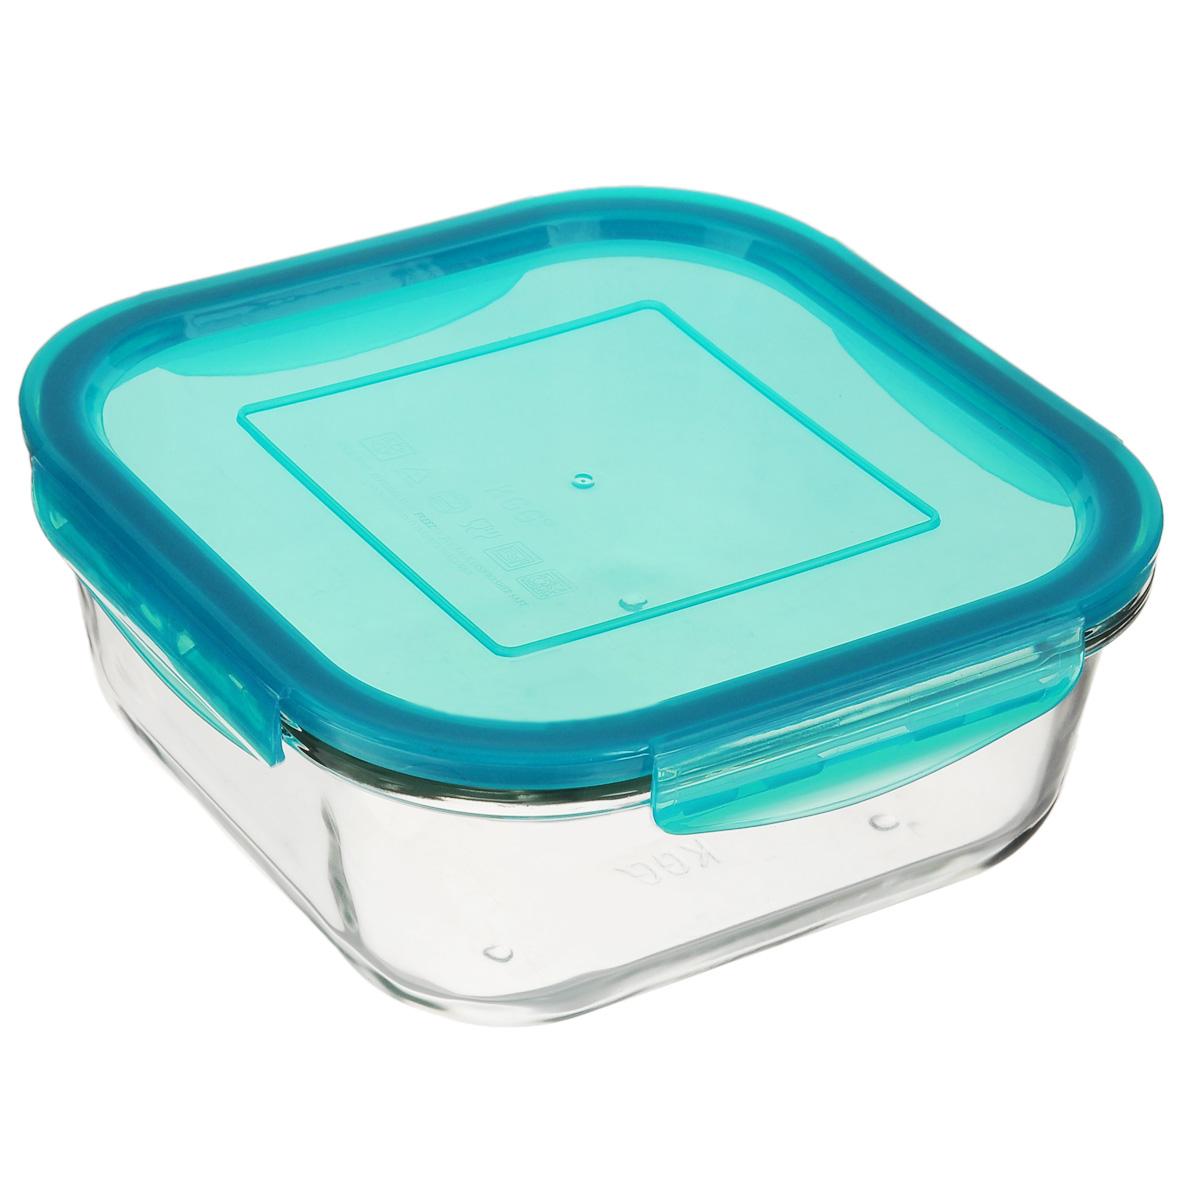 Форма для запекания Mijotex с крышкой, квадратная, цвет: голубой, 18 х 18 см391602Квадратная форма для запекания Mijotex изготовлена из жаропрочного стекла, которое выдерживает температуру до +450°С. Форма предназначена для приготовления горячих блюд. Оснащена герметичной пластиковой крышкой с силиконовым уплотнителем для хранения продуктов. Материал изделия гигиеничен, прост в уходе и обладает высокой степенью прочности. Форма (без крышки) идеально подходит для использования в духовках, микроволновых печах, холодильниках и морозильных камерах. Также ее можно использовать на газовых плитах (на слабом огне) и на электроплитах. Можно мыть в посудомоечной машине.Размер формы (по верхнему краю): 18 см х 18 см.Высота стенки формы: 7 см.